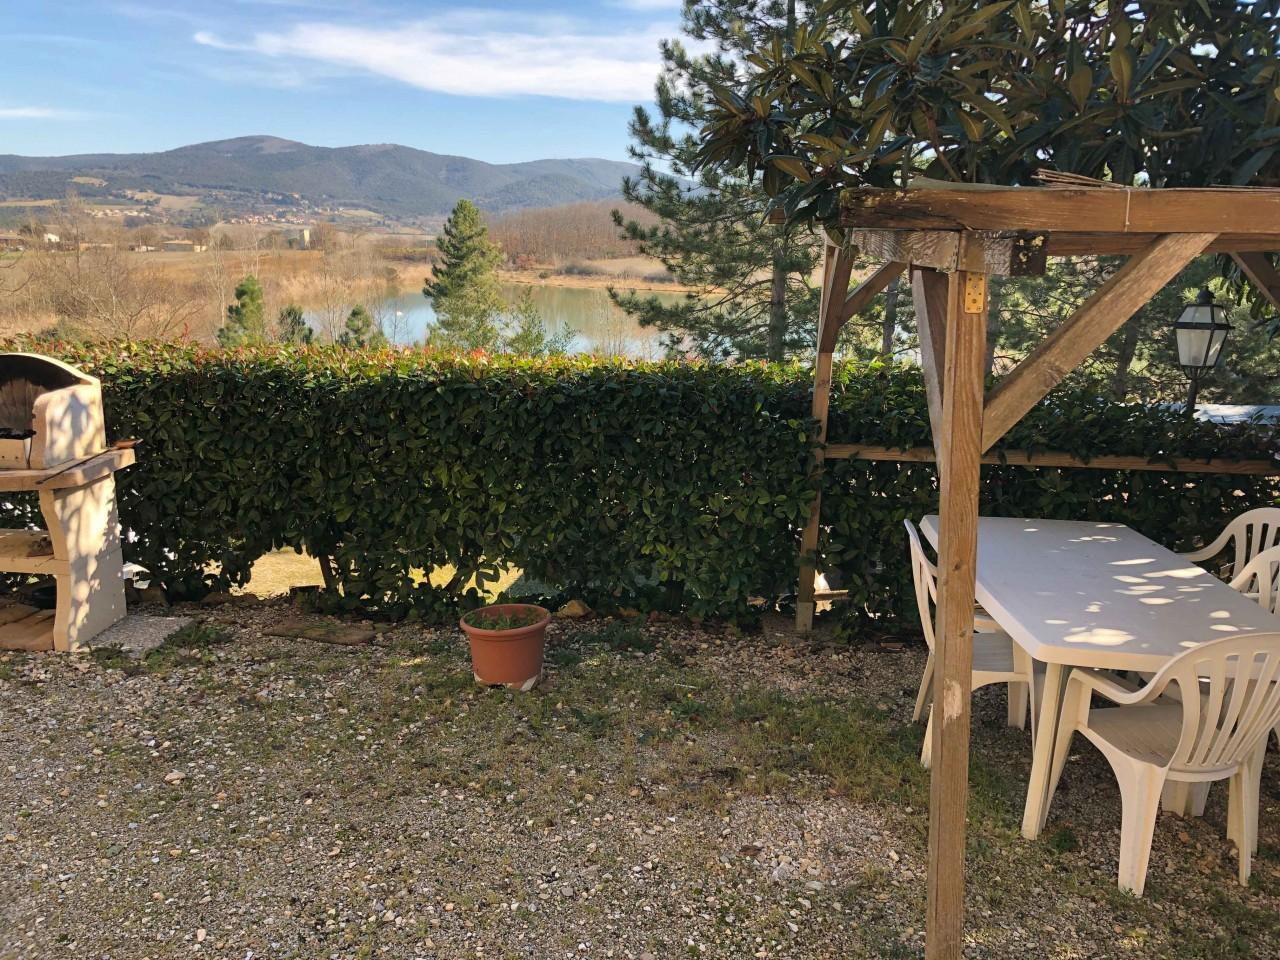 Appartamento in vendita a Casole d'Elsa, 2 locali, prezzo € 140.000 | PortaleAgenzieImmobiliari.it